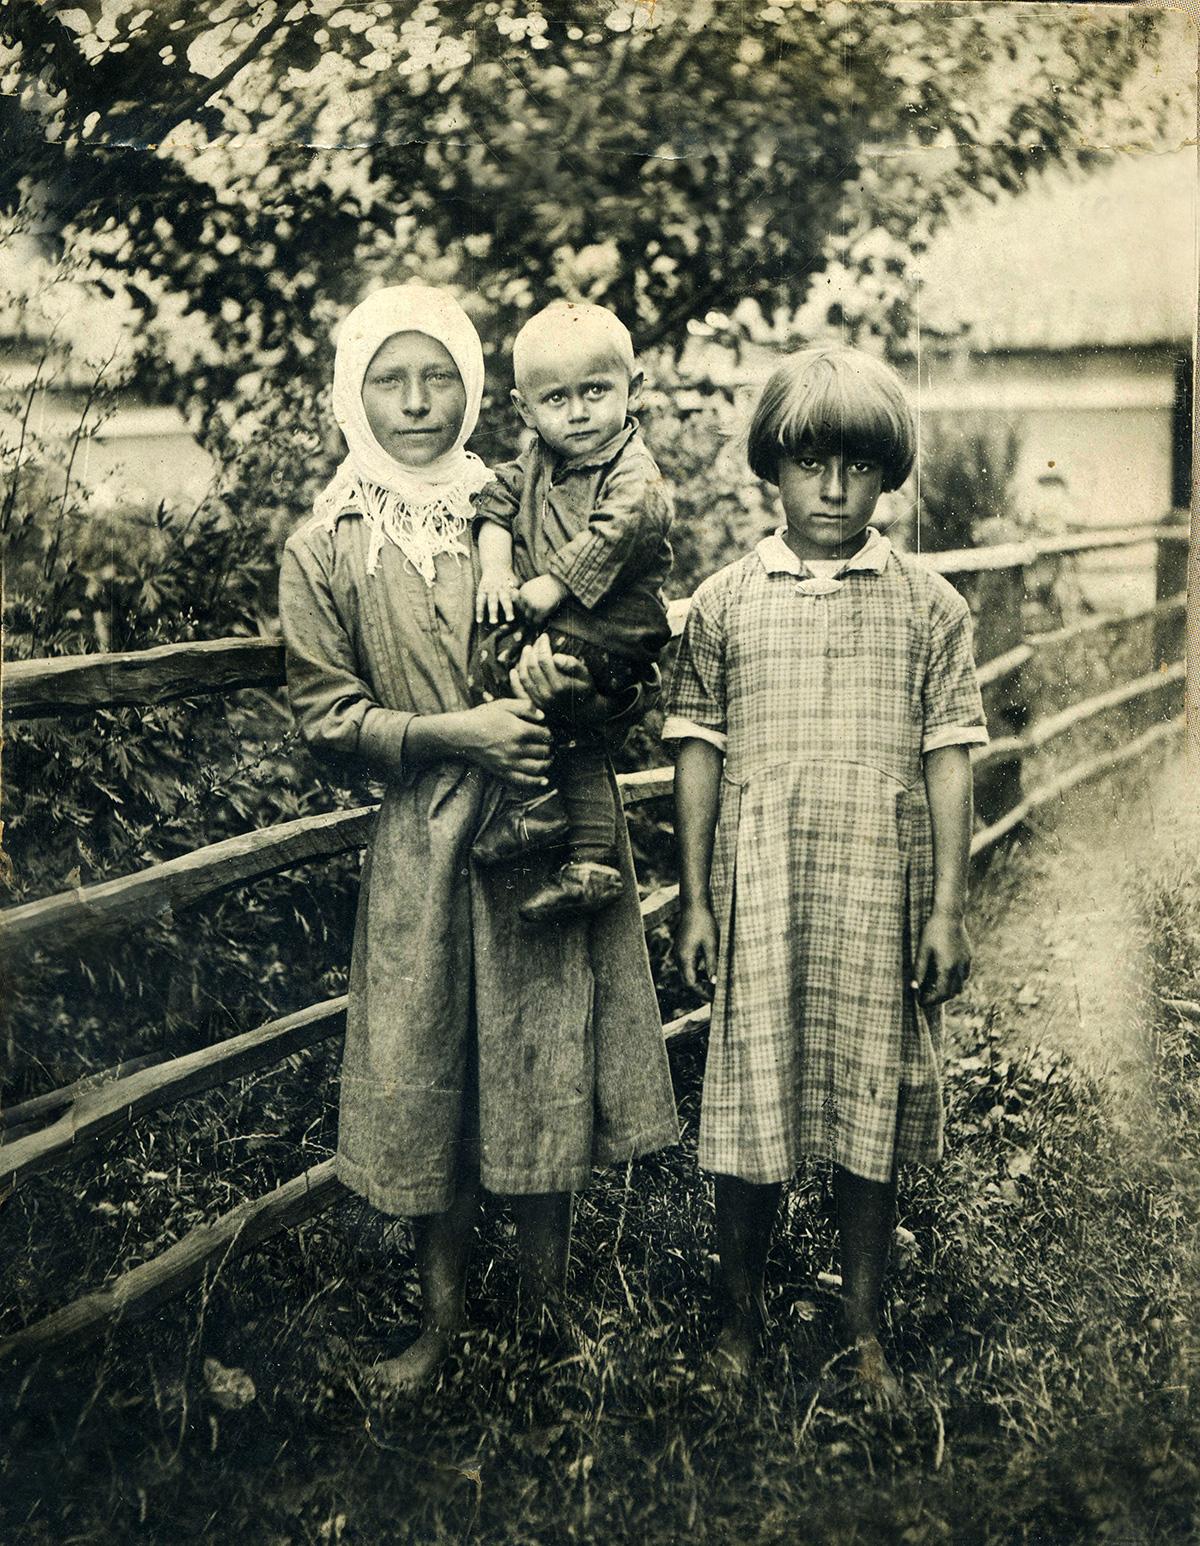 Сидить на руках Саліженко Дмитро Олександрович, праворуч Аня Вальчук, 1938 рік